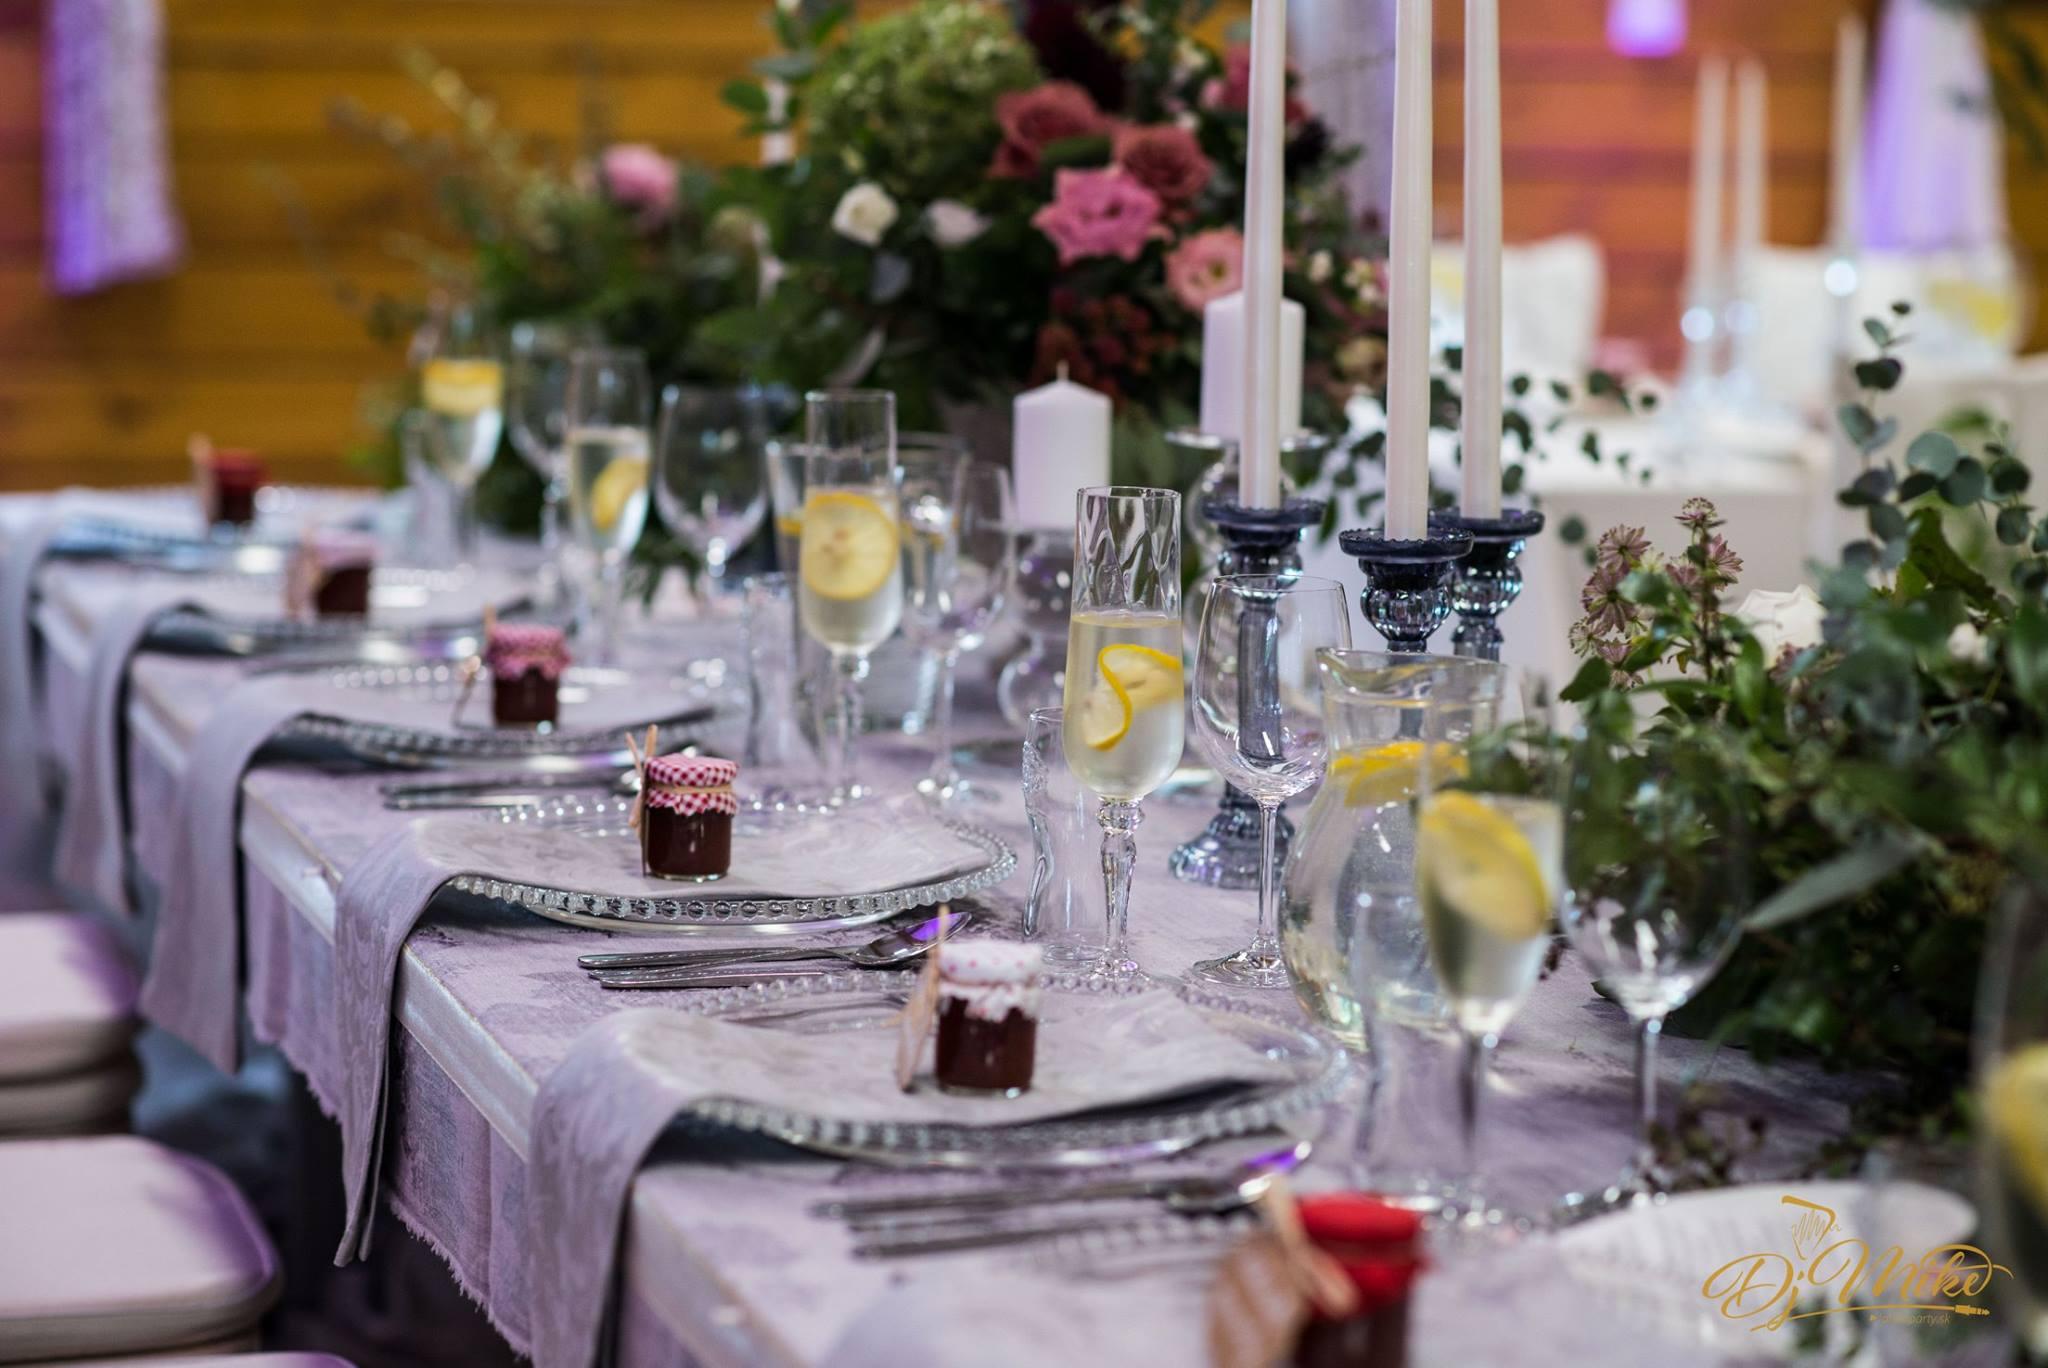 svadba event dj moderator terchova zilina zilinsky kraj regionjpg